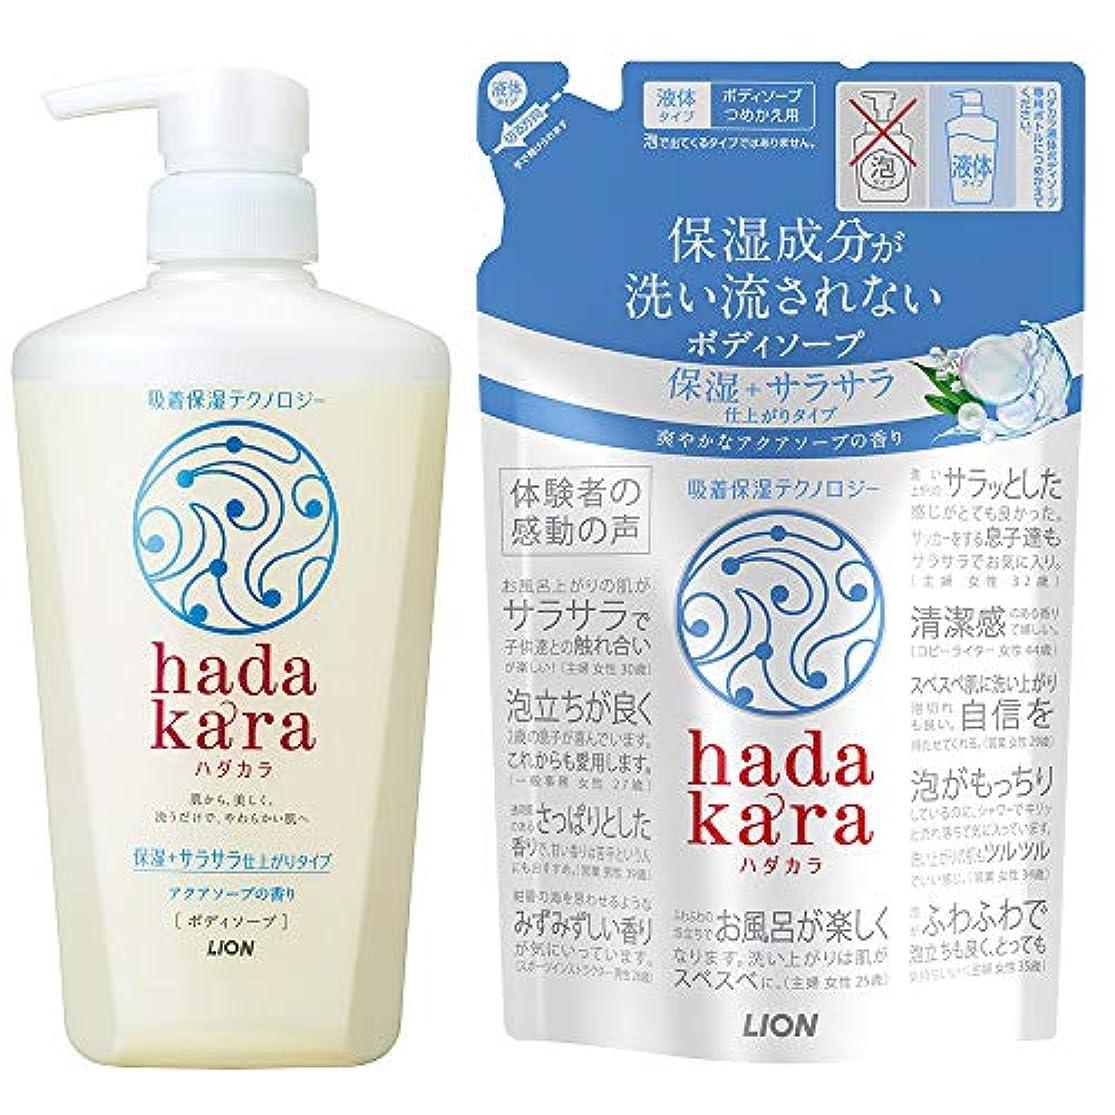 ペルメルベックスエイズhadakara(ハダカラ)ボディソープ 保湿+サラサラ仕上がりタイプ アクアソープの香り 本体 480ml + つめかえ 340ml